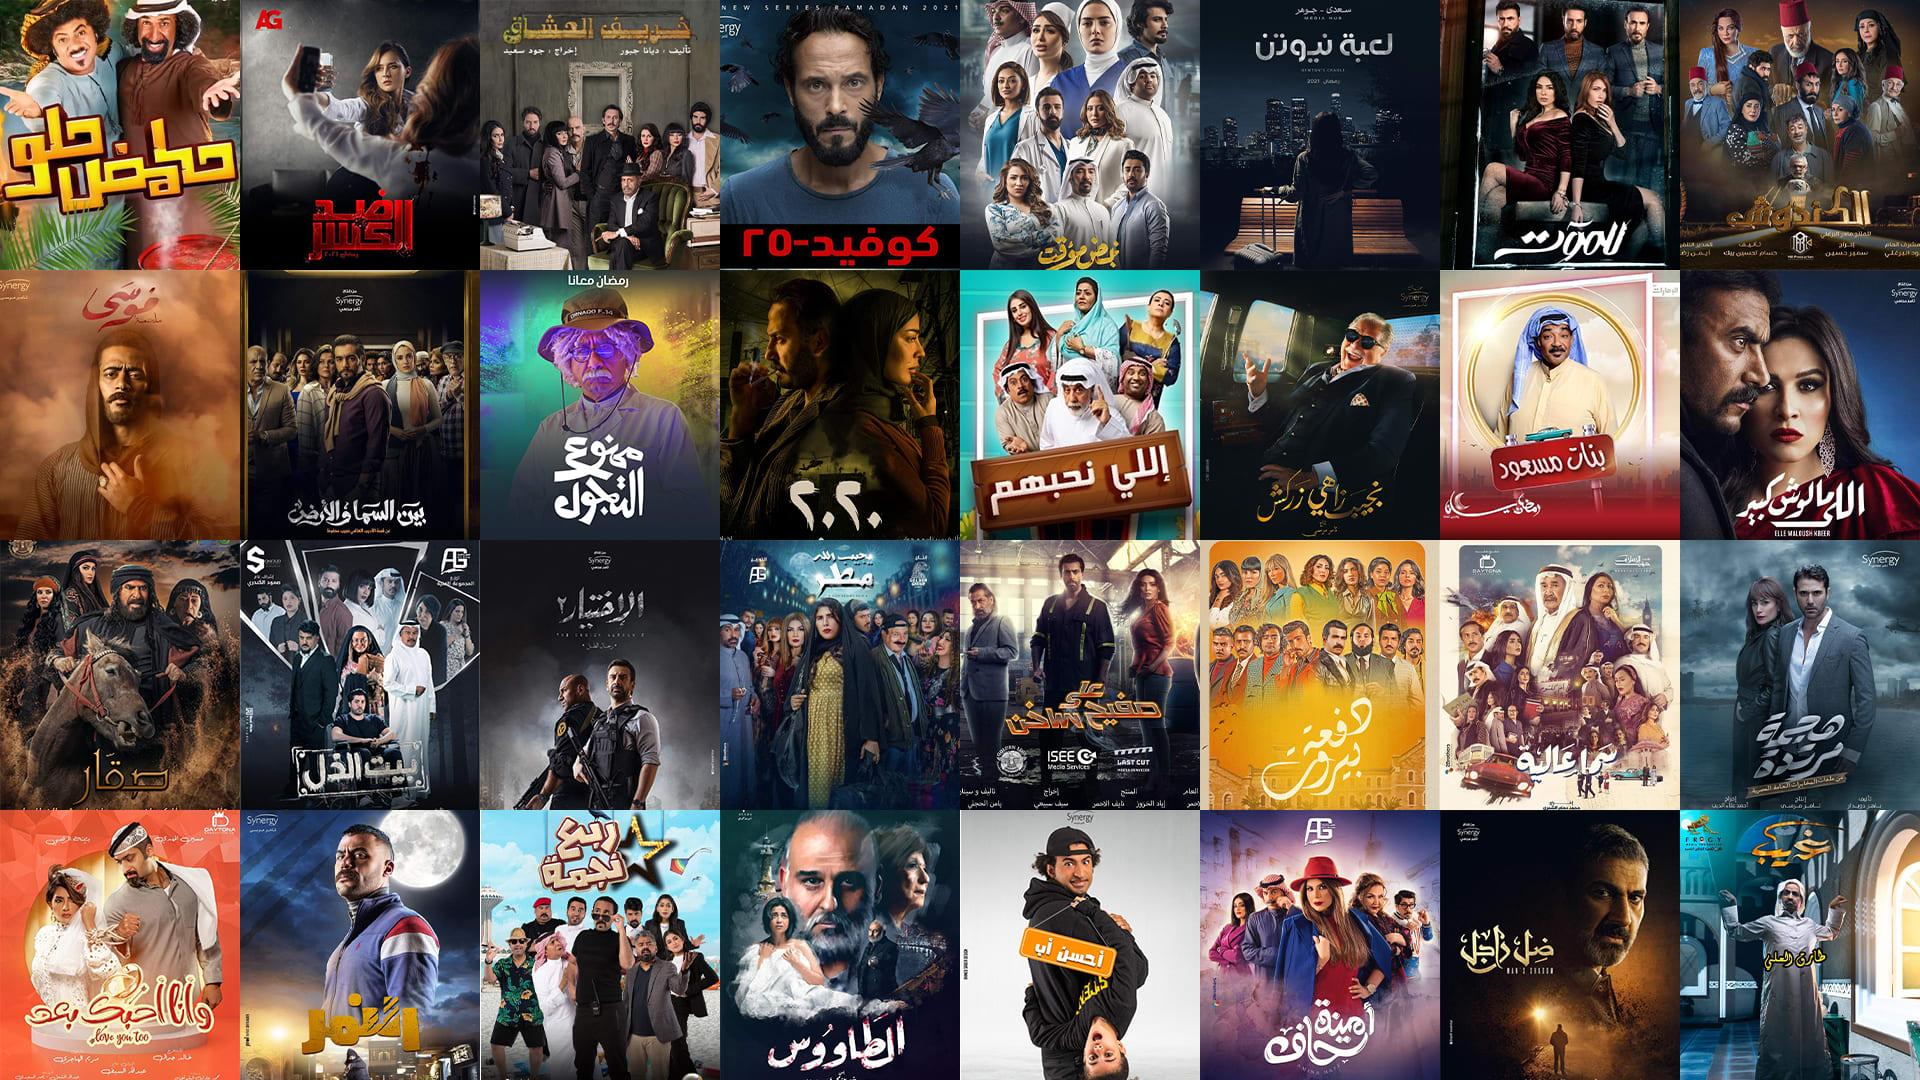 بوستر يجمع مسلسلات موسم دراما رمضان 2021